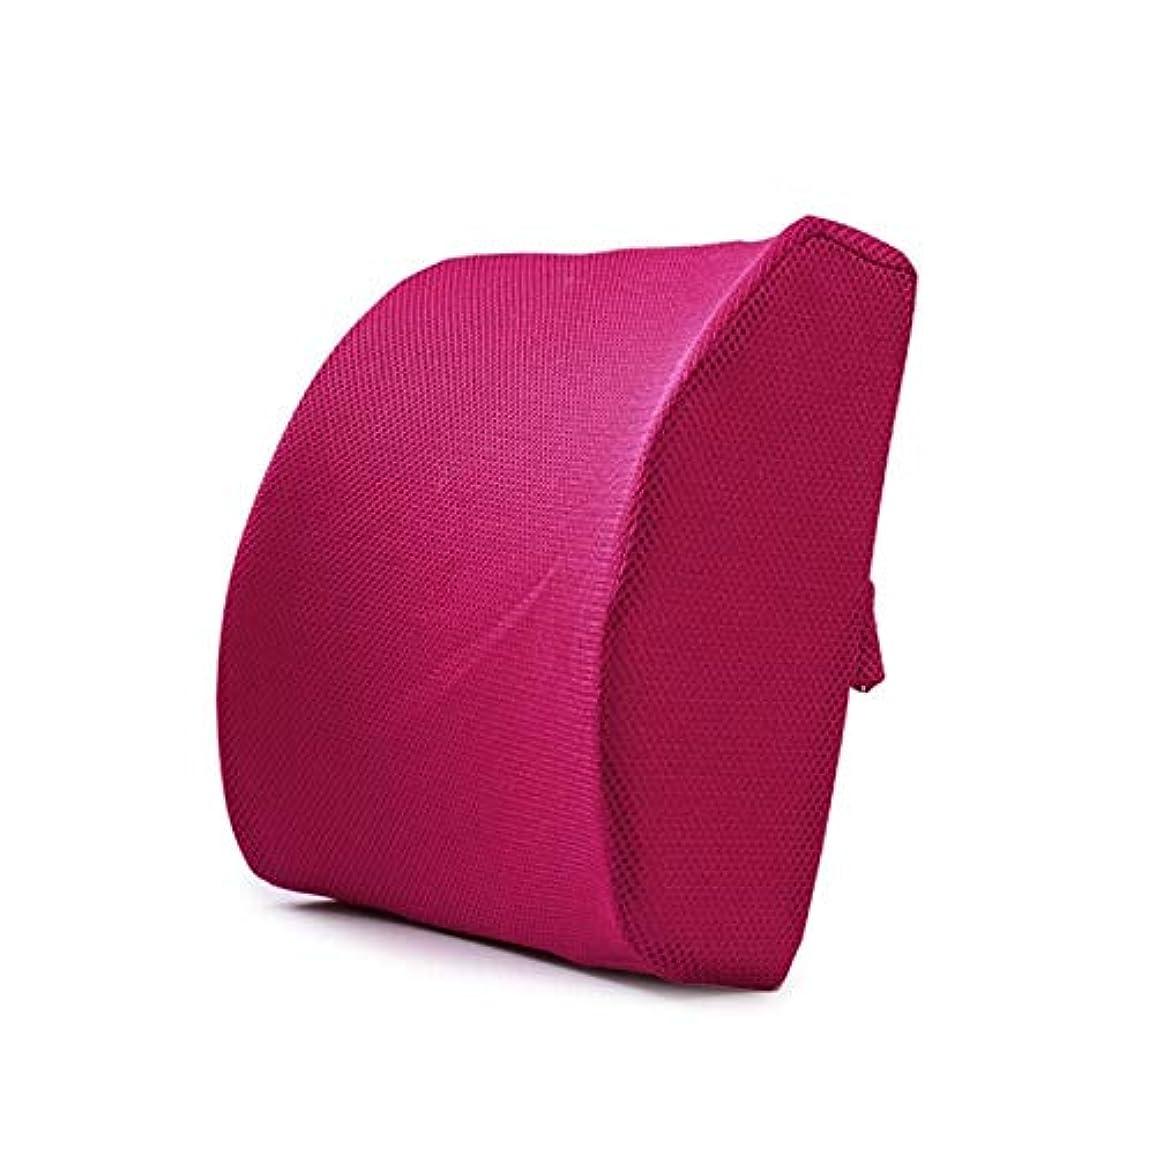 つかむ相関するレイアウトLIFE ホームオフィス背もたれ椅子腰椎クッションカーシートネック枕 3D 低反発サポートバックマッサージウエストレスリビング枕 クッション 椅子